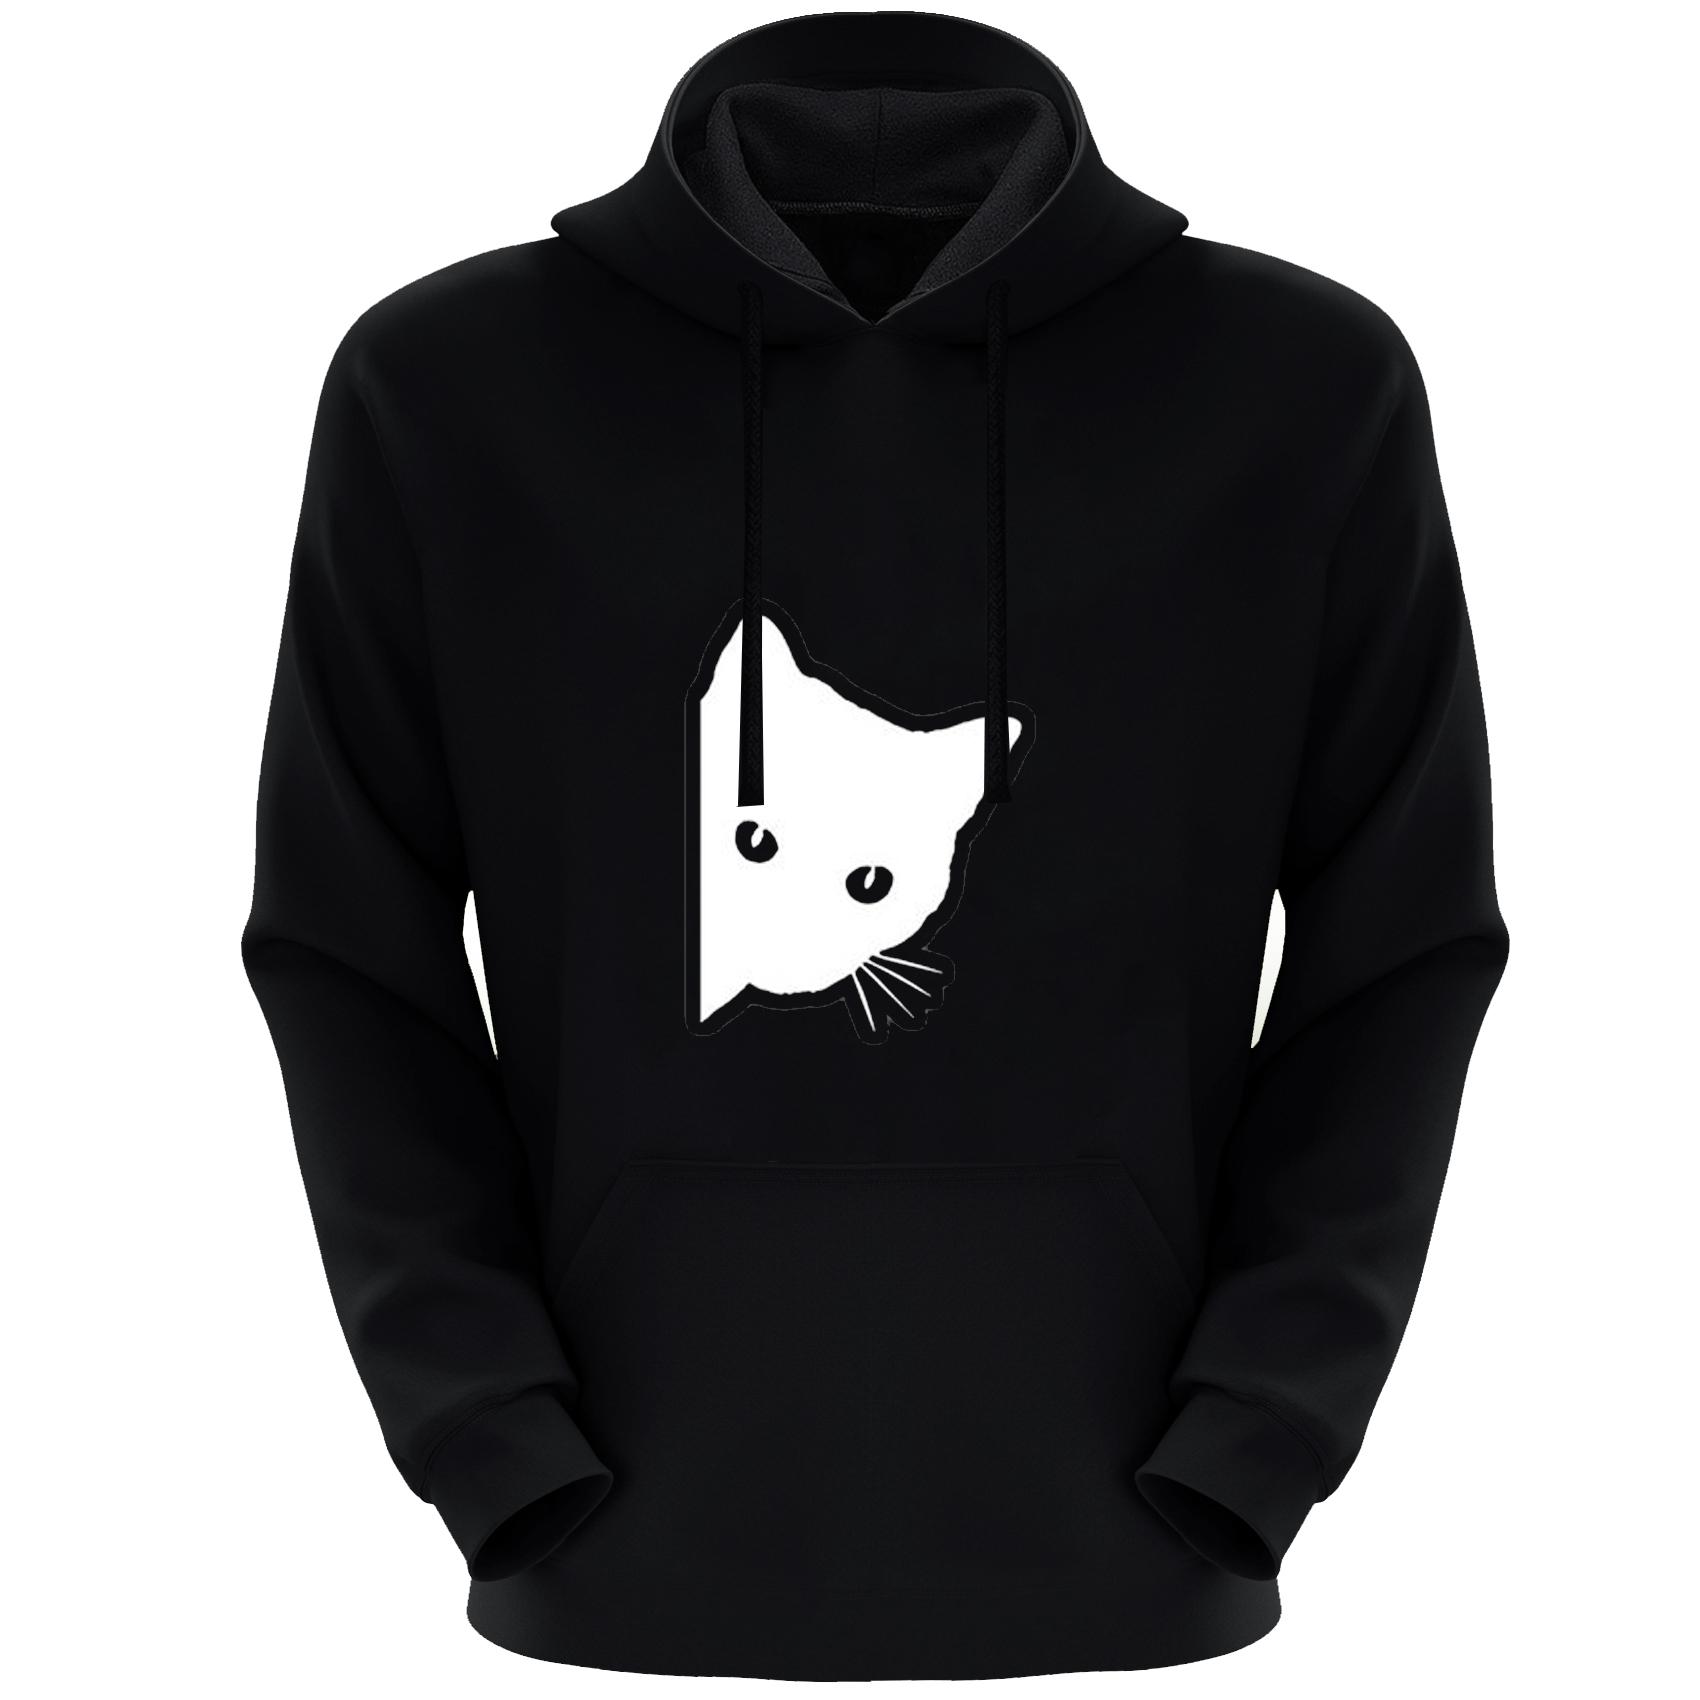 هودی مردانه مدل گربه X51 رنگ مشکی